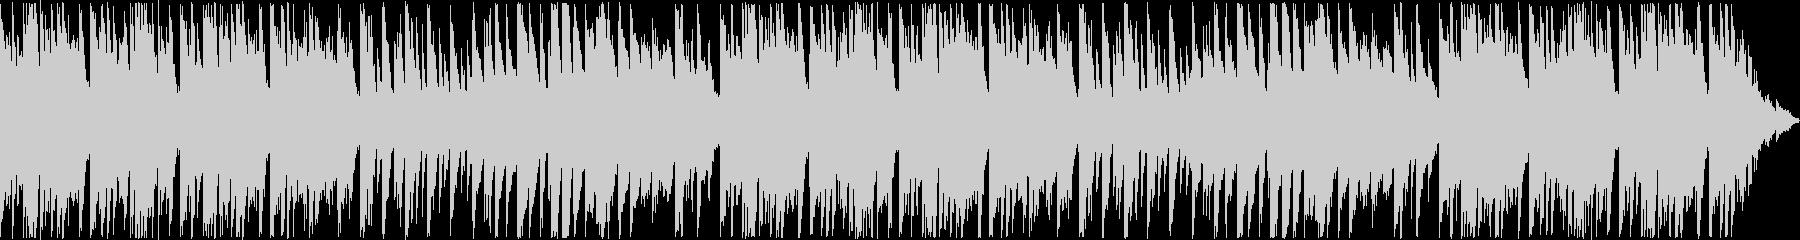 悲しげな旋律のピアノバラードの未再生の波形